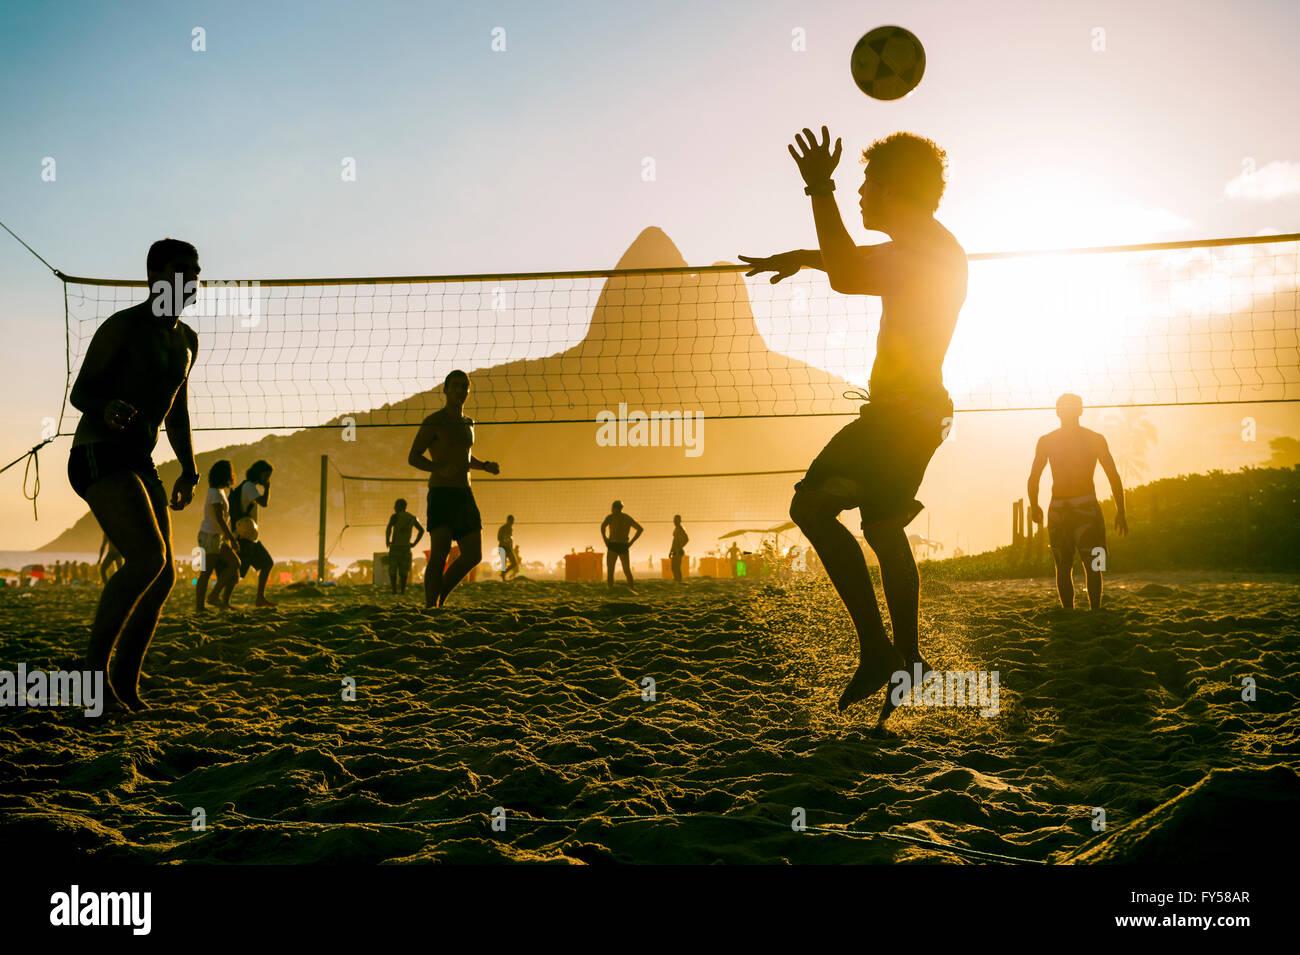 RIO DE JANEIRO - MARZO 27, 2016: brasiliani giocare a beach futevolei (footvolley), la combinazione di gioco del Immagini Stock